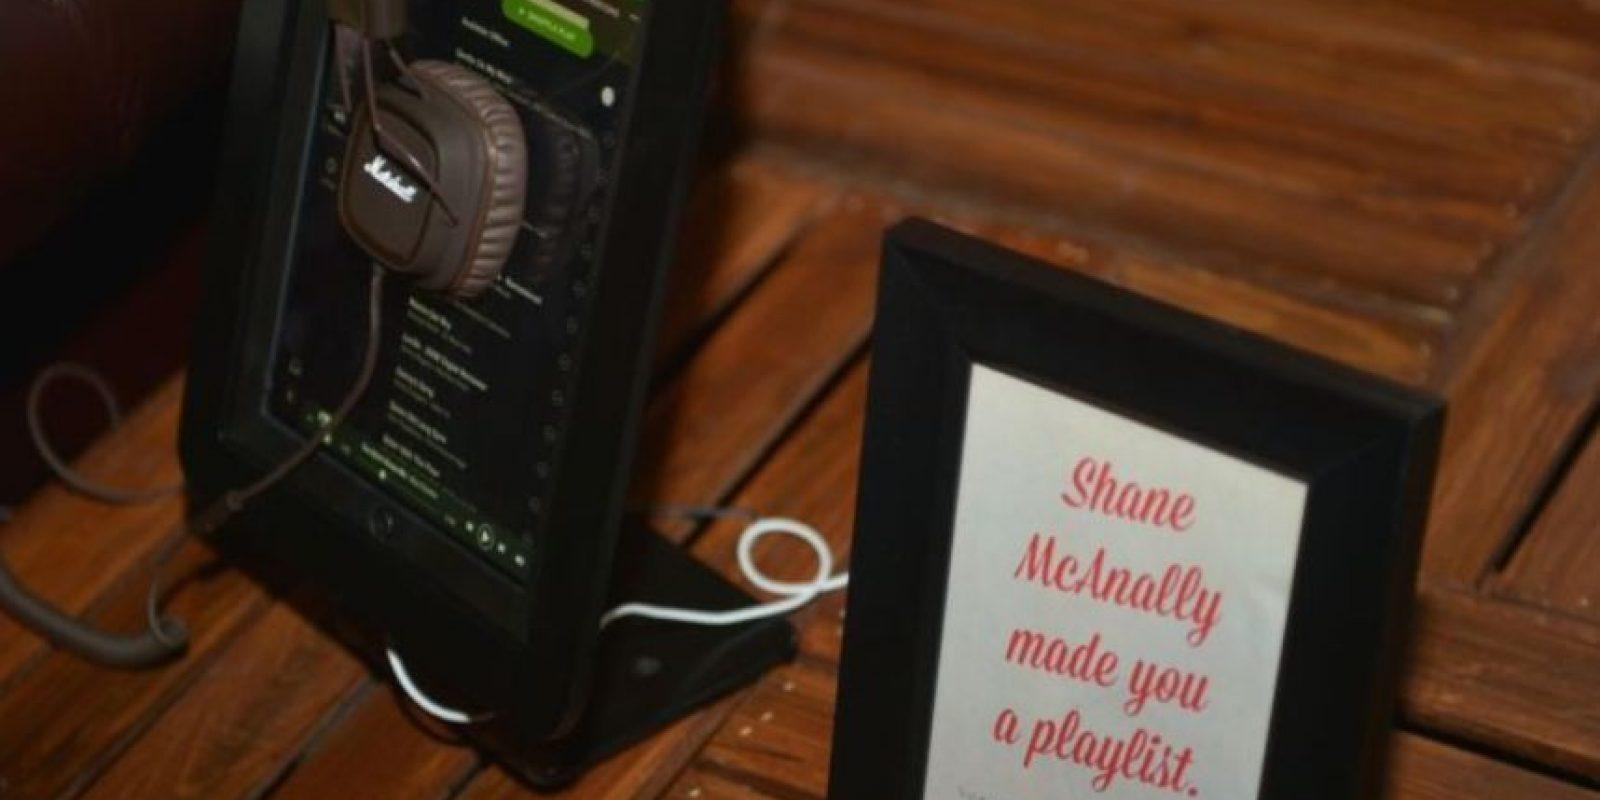 Actualmente, las disqueras como Universal Music están presionando a la app para disminuir su servicio gratuito. Foto:Getty Images